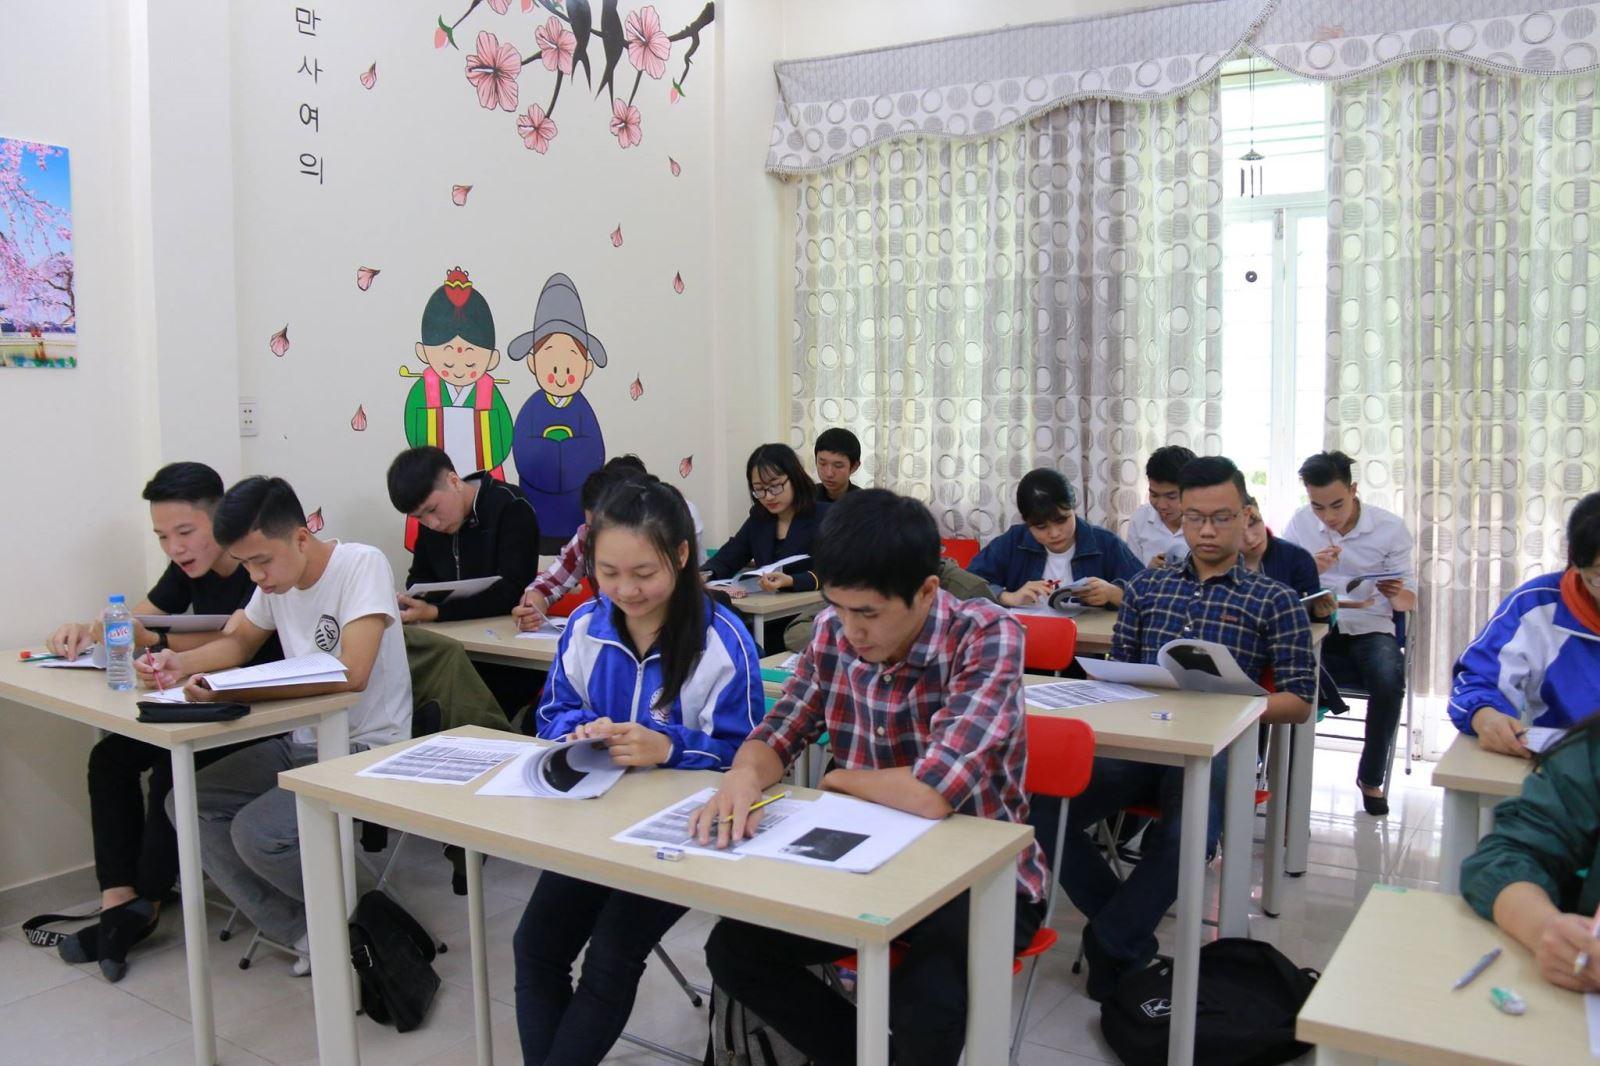 Tại sao TOMATO lại là trung tâm dạy tiếng Trung tại Hải Phòng được nhiều người chọn nhất?